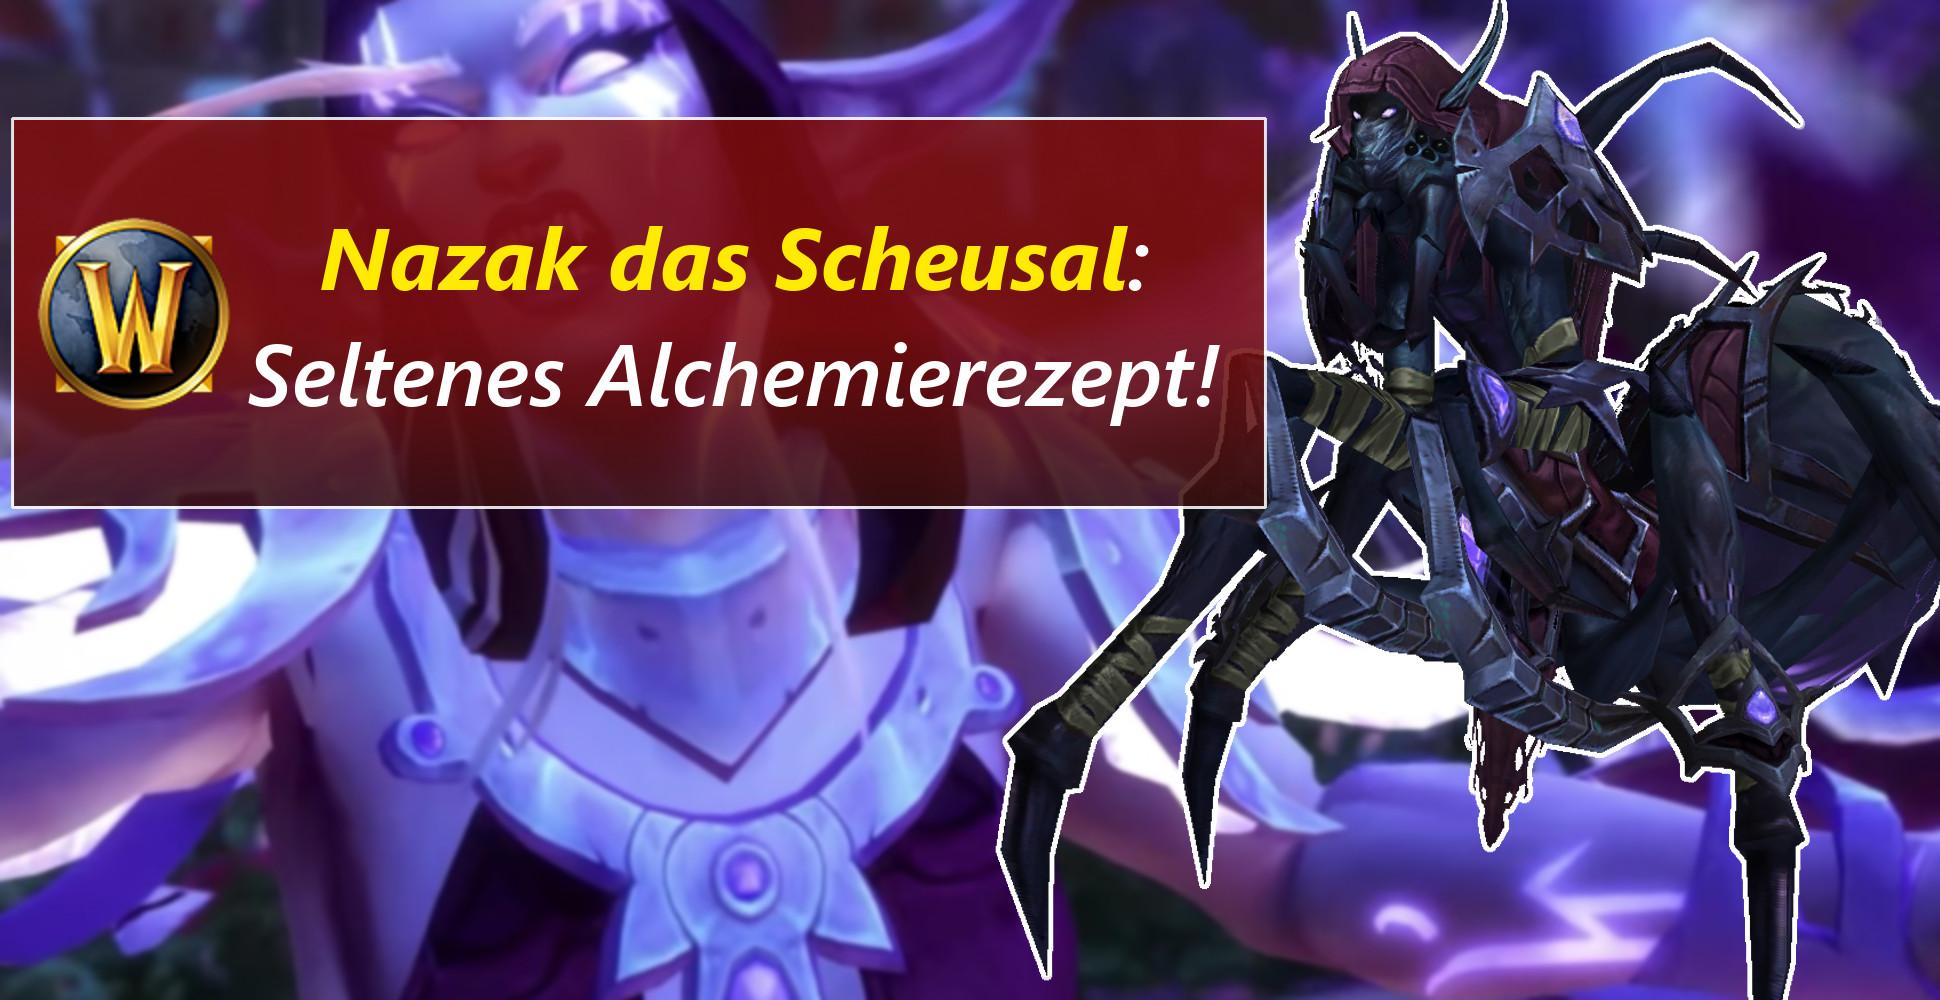 WoW: Alchemisten aufgepasst! Nazak das Scheusal ist aktiv